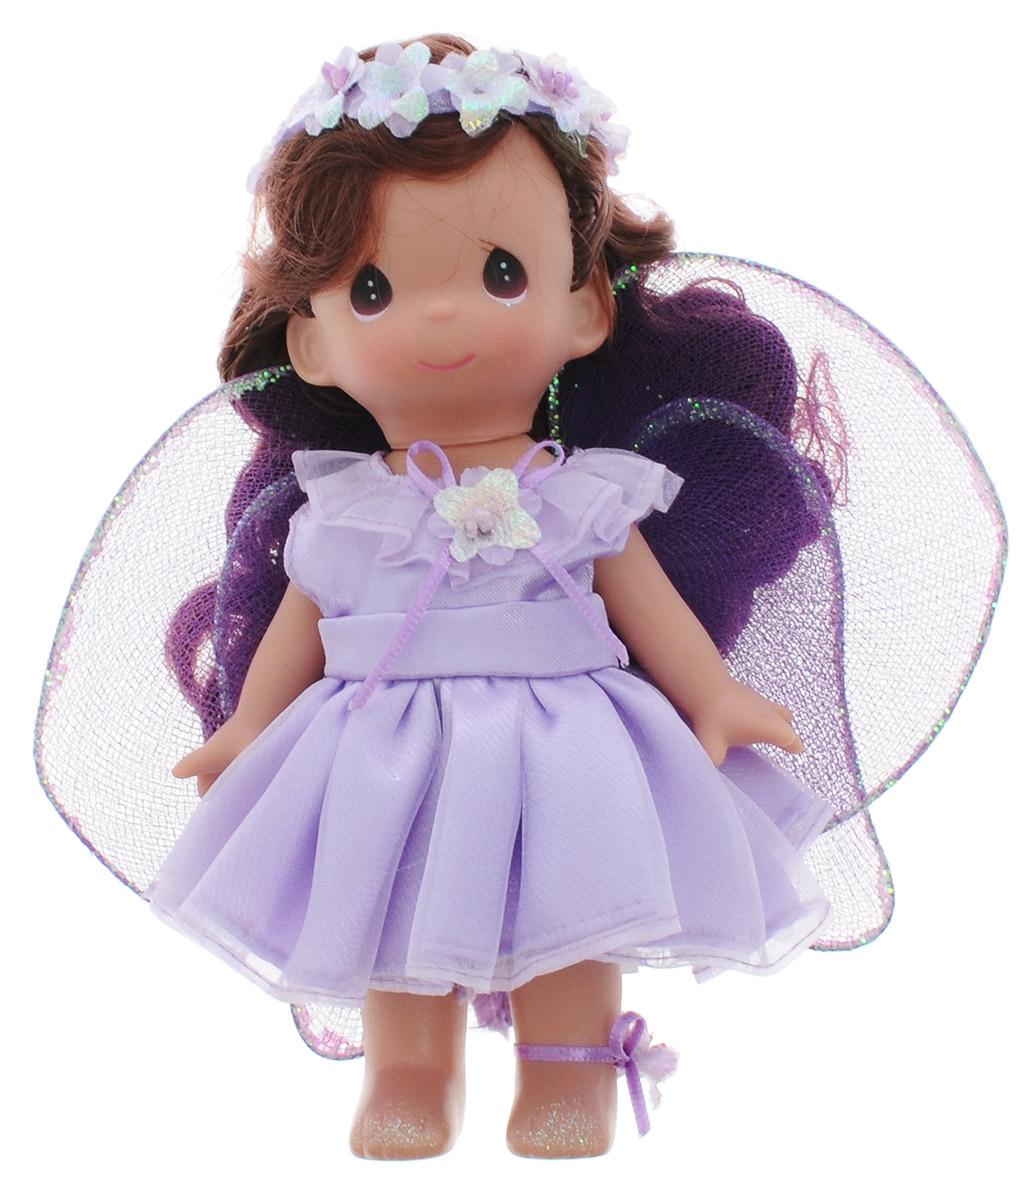 Precious Moments Мини-кукла Фея Фиалка2204Какие же милые эти куколки Precious Moments. Создатель этих очаровательных крошек настоящая волшебница - Линда Рик - оживила свои творения, каждая кукла обрела свой милый и неповторимый образ. Эти крошки могут сопровождать вас в чудесных странствиях и сделать каждый момент вашей жизни незабываемым! Обворожительная мини-кукла Фея Фиалка станет отличным подарком для вашей дочурки. Куколка одета в сиреневое платье, за спиной у нее - большие полупрозрачные крылья. У куклы шикарные темные волосы, которые украшены цветочным венком. На милом личике большие темные глаза. Благодаря играм с куклой, ваша малышка сможет развить фантазию и любознательность, овладеть навыками общения и научиться ответственности. Порадуйте свою принцессу таким прекрасным подарком!